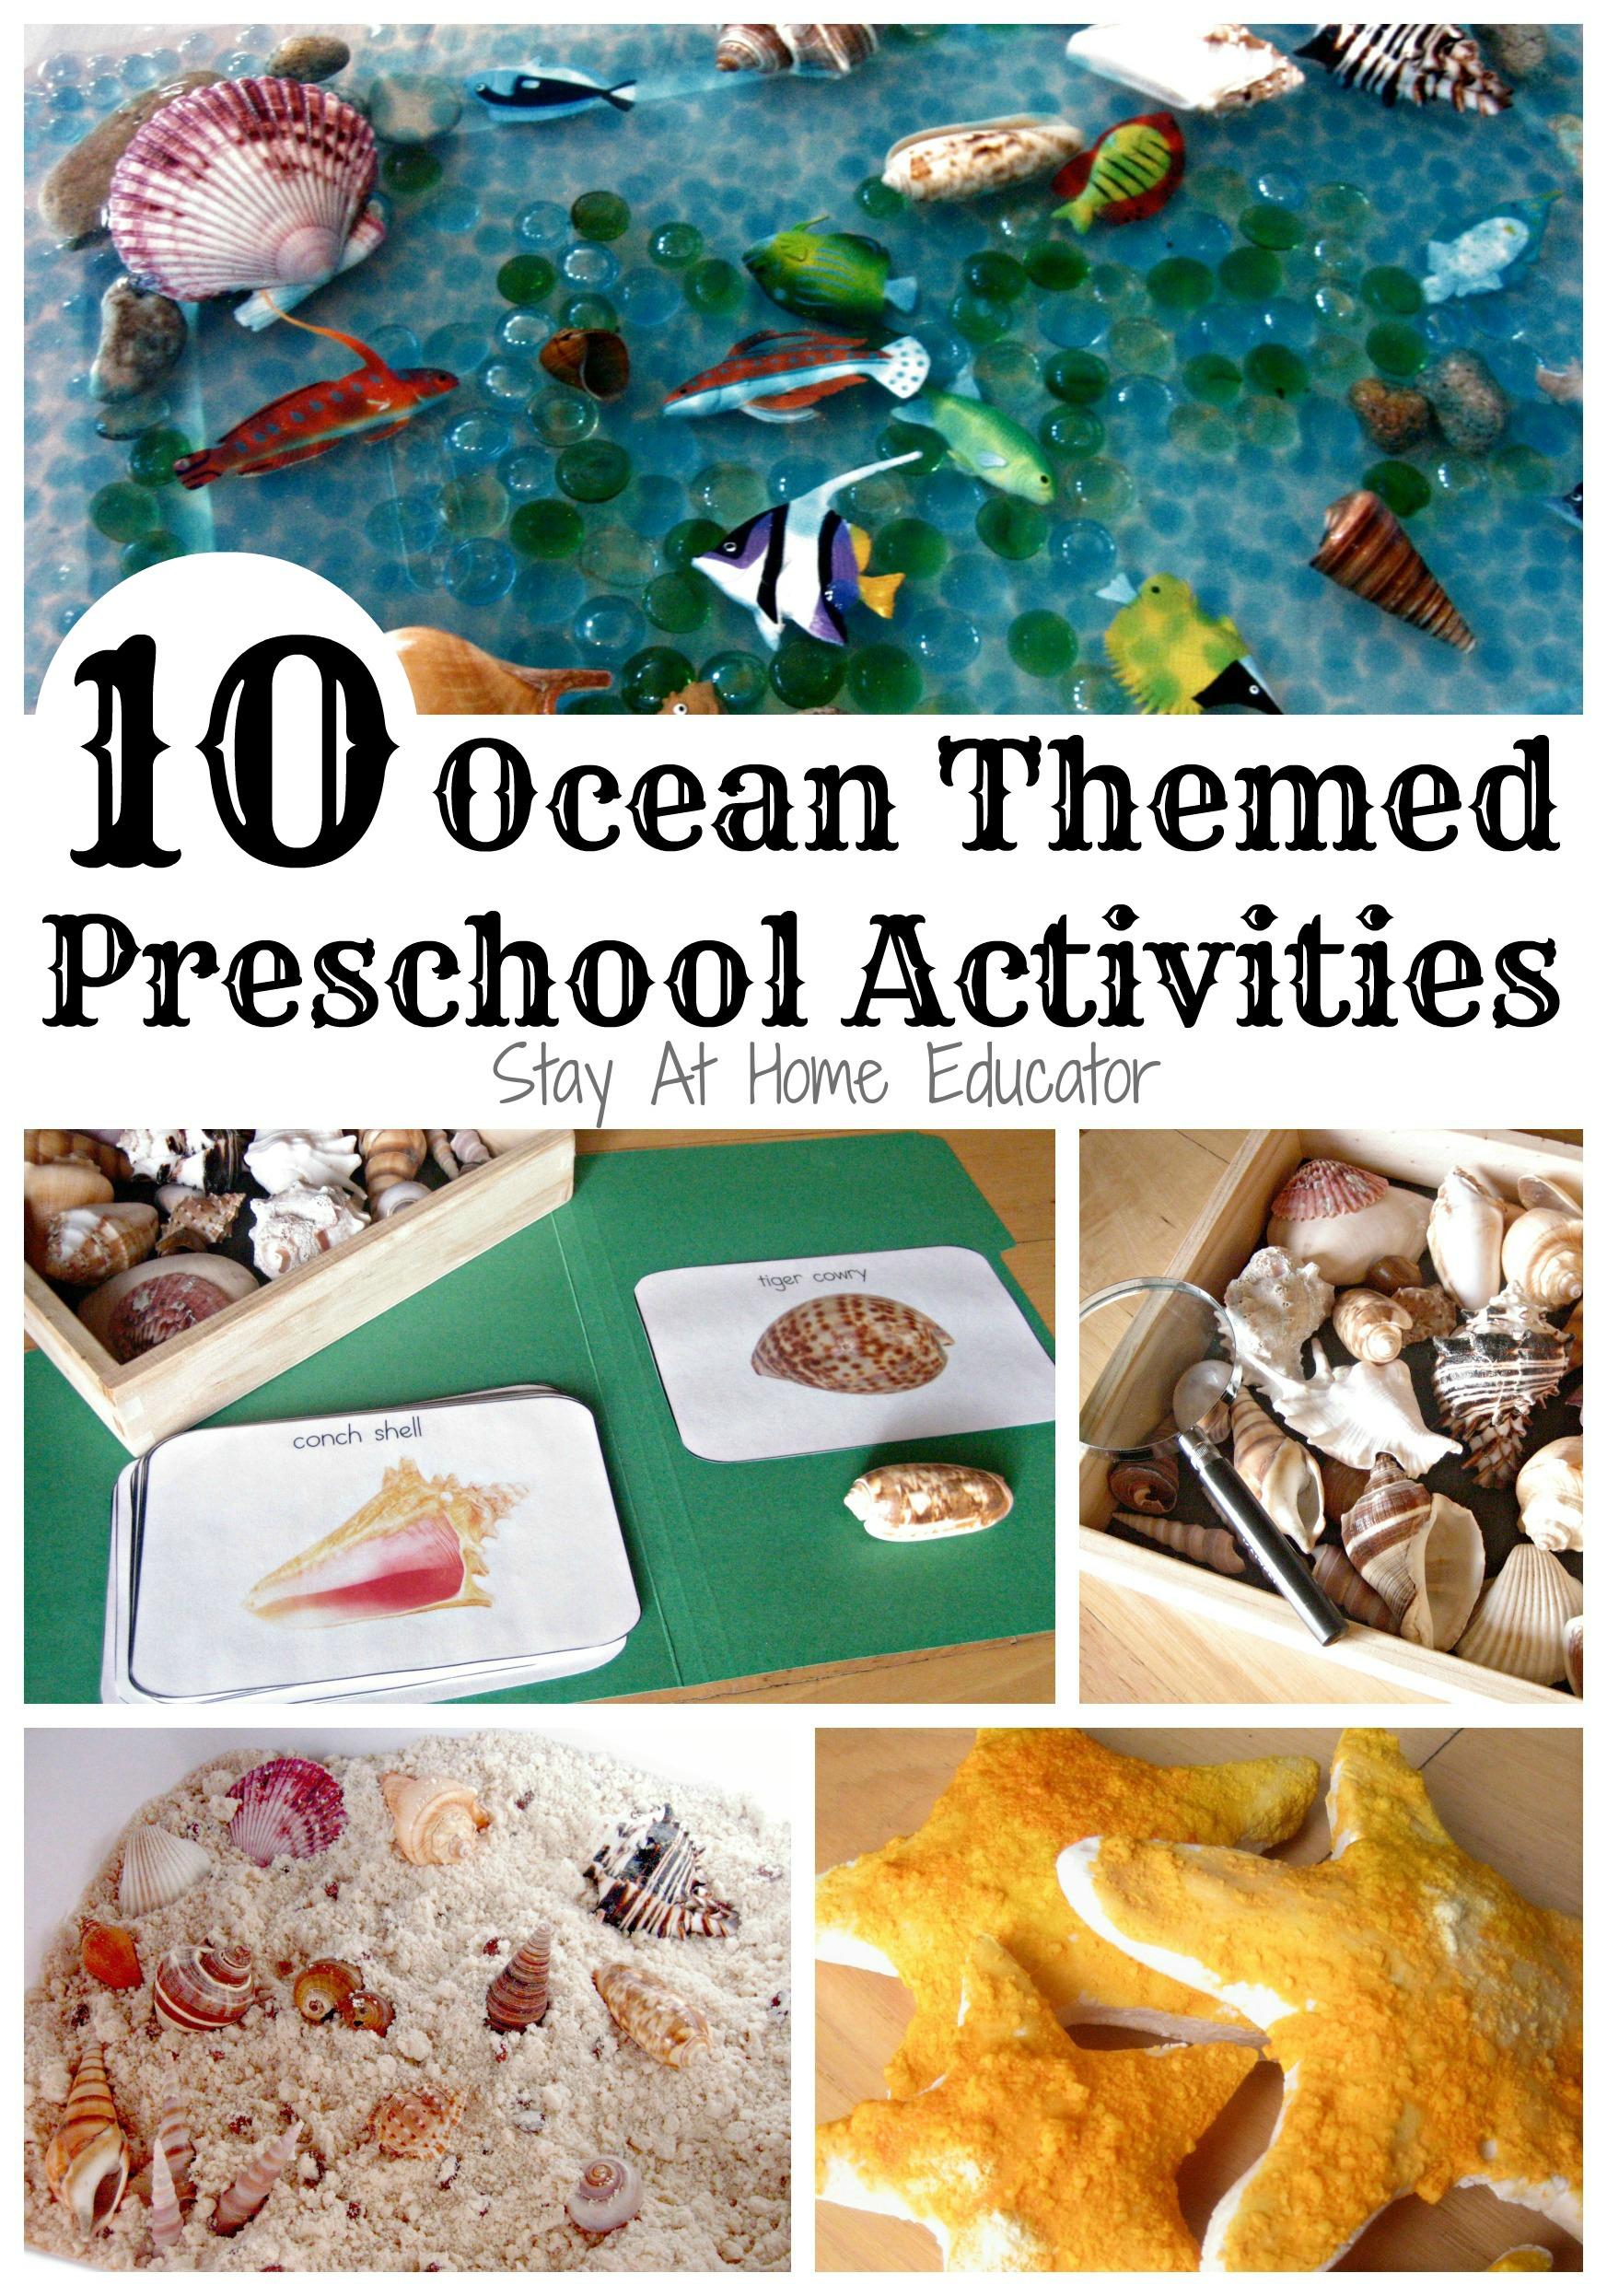 Ocean Themed Preschool Activities